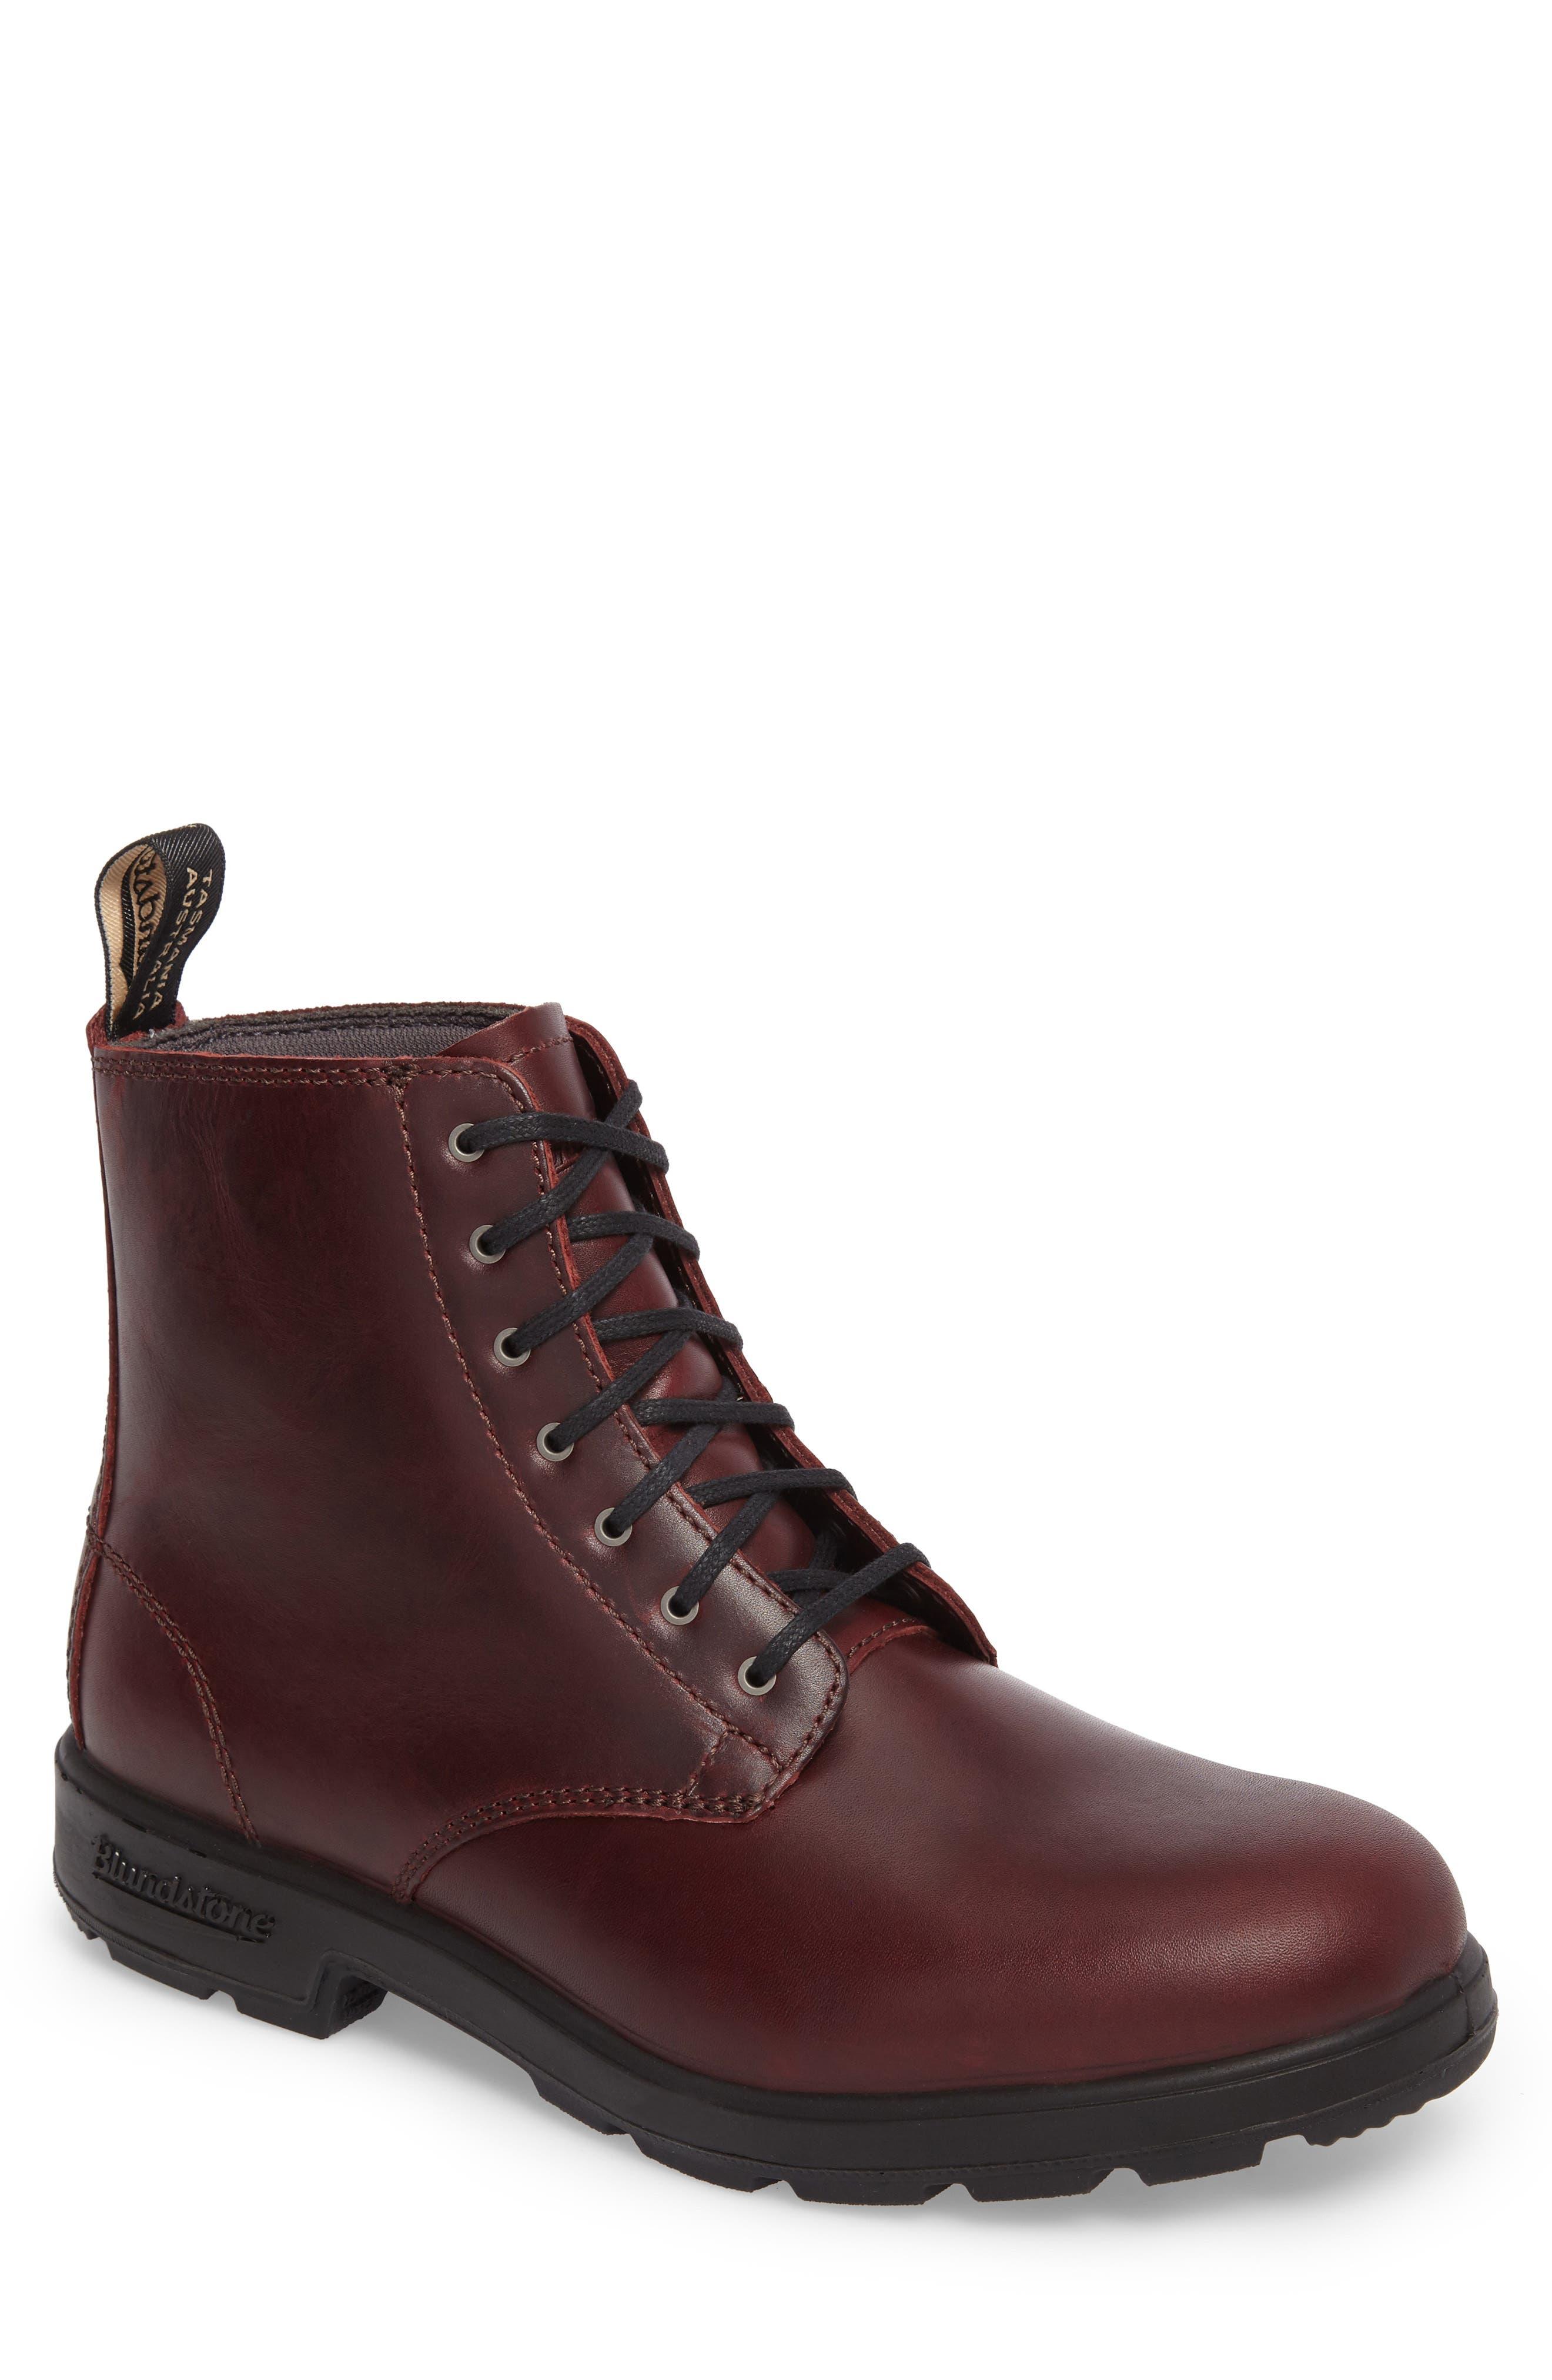 Alternate Image 1 Selected - Blundstone Original Plain Toe Boot (Men)